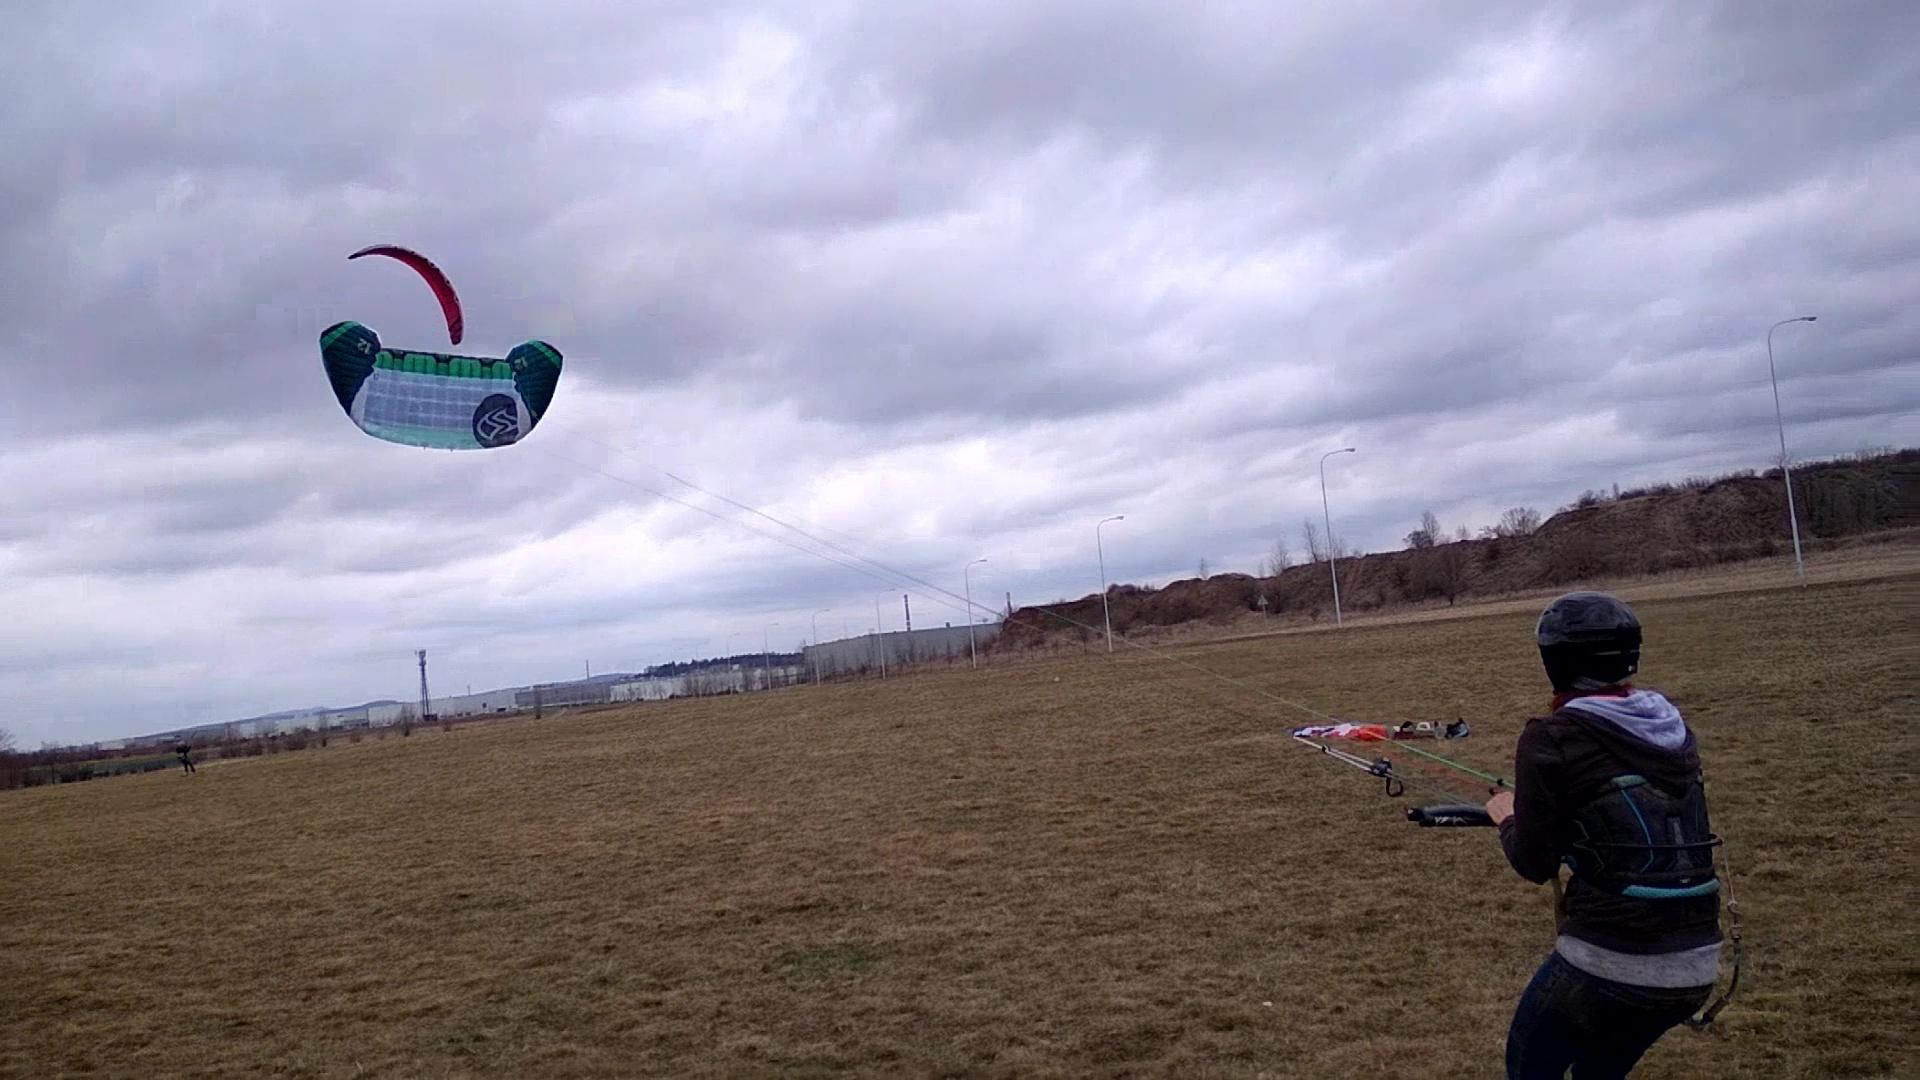 kite-Flysurfer-Soul-test-35.jpg